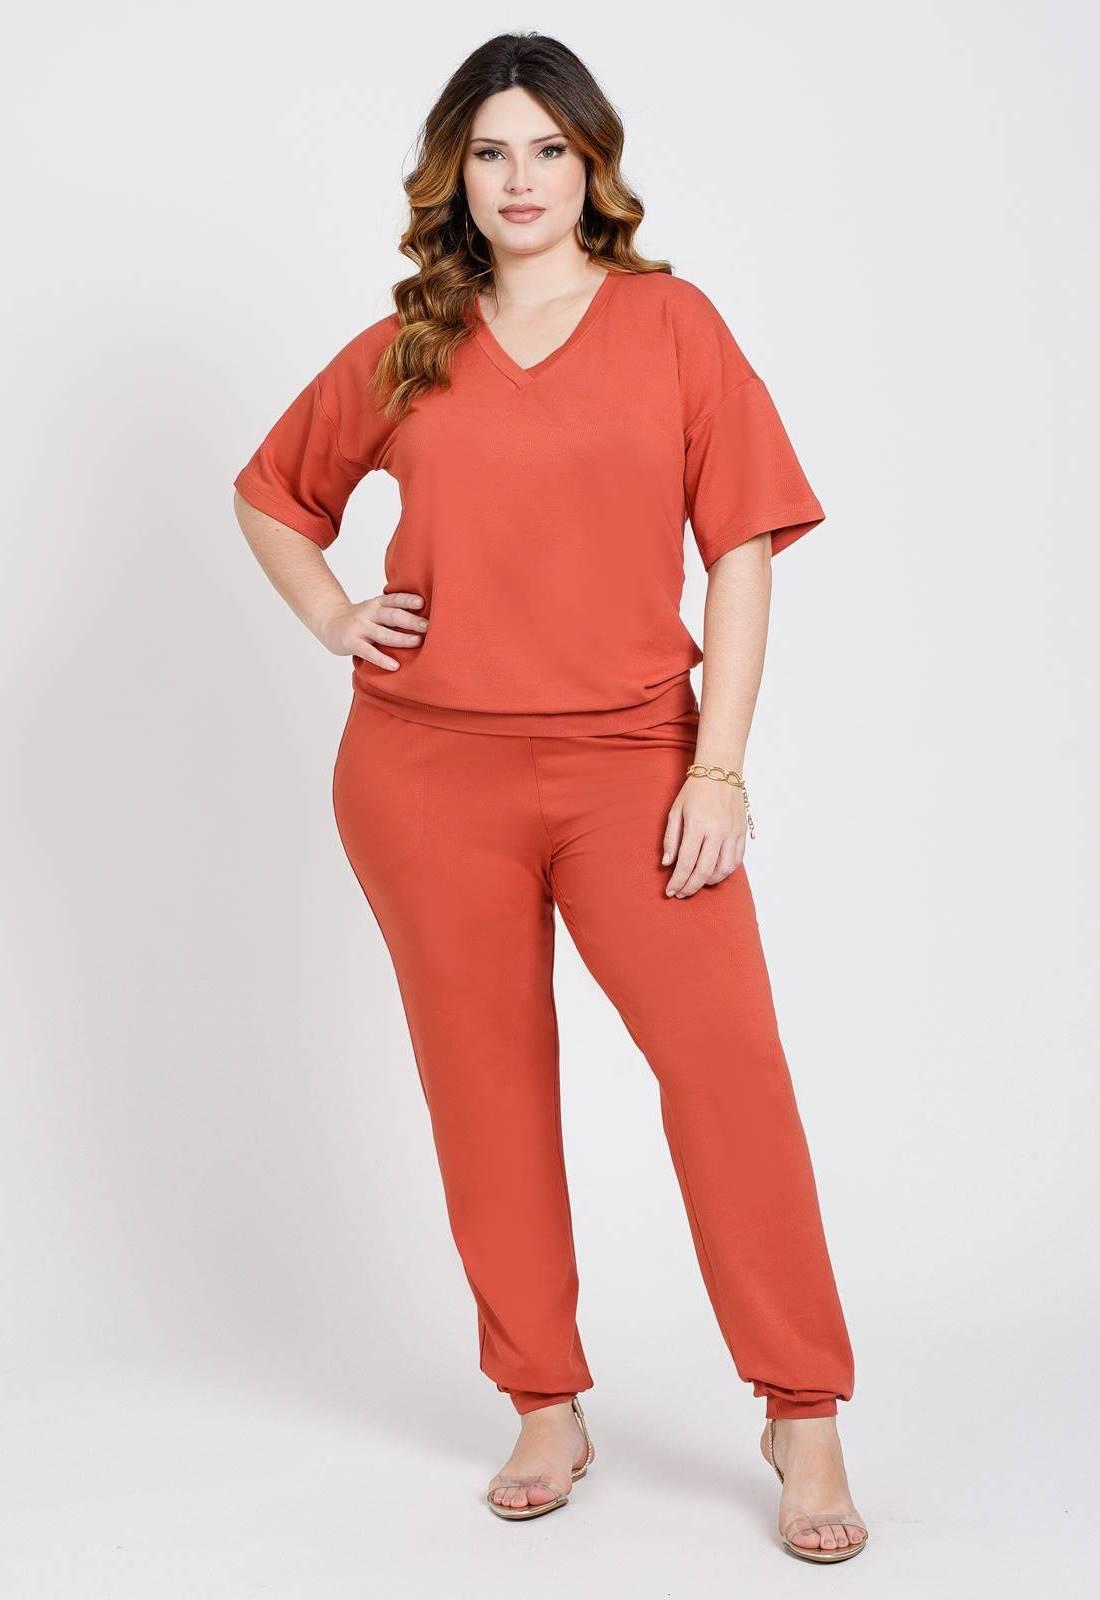 Conjunto malha blusa e calça Terracota Ref. U80621